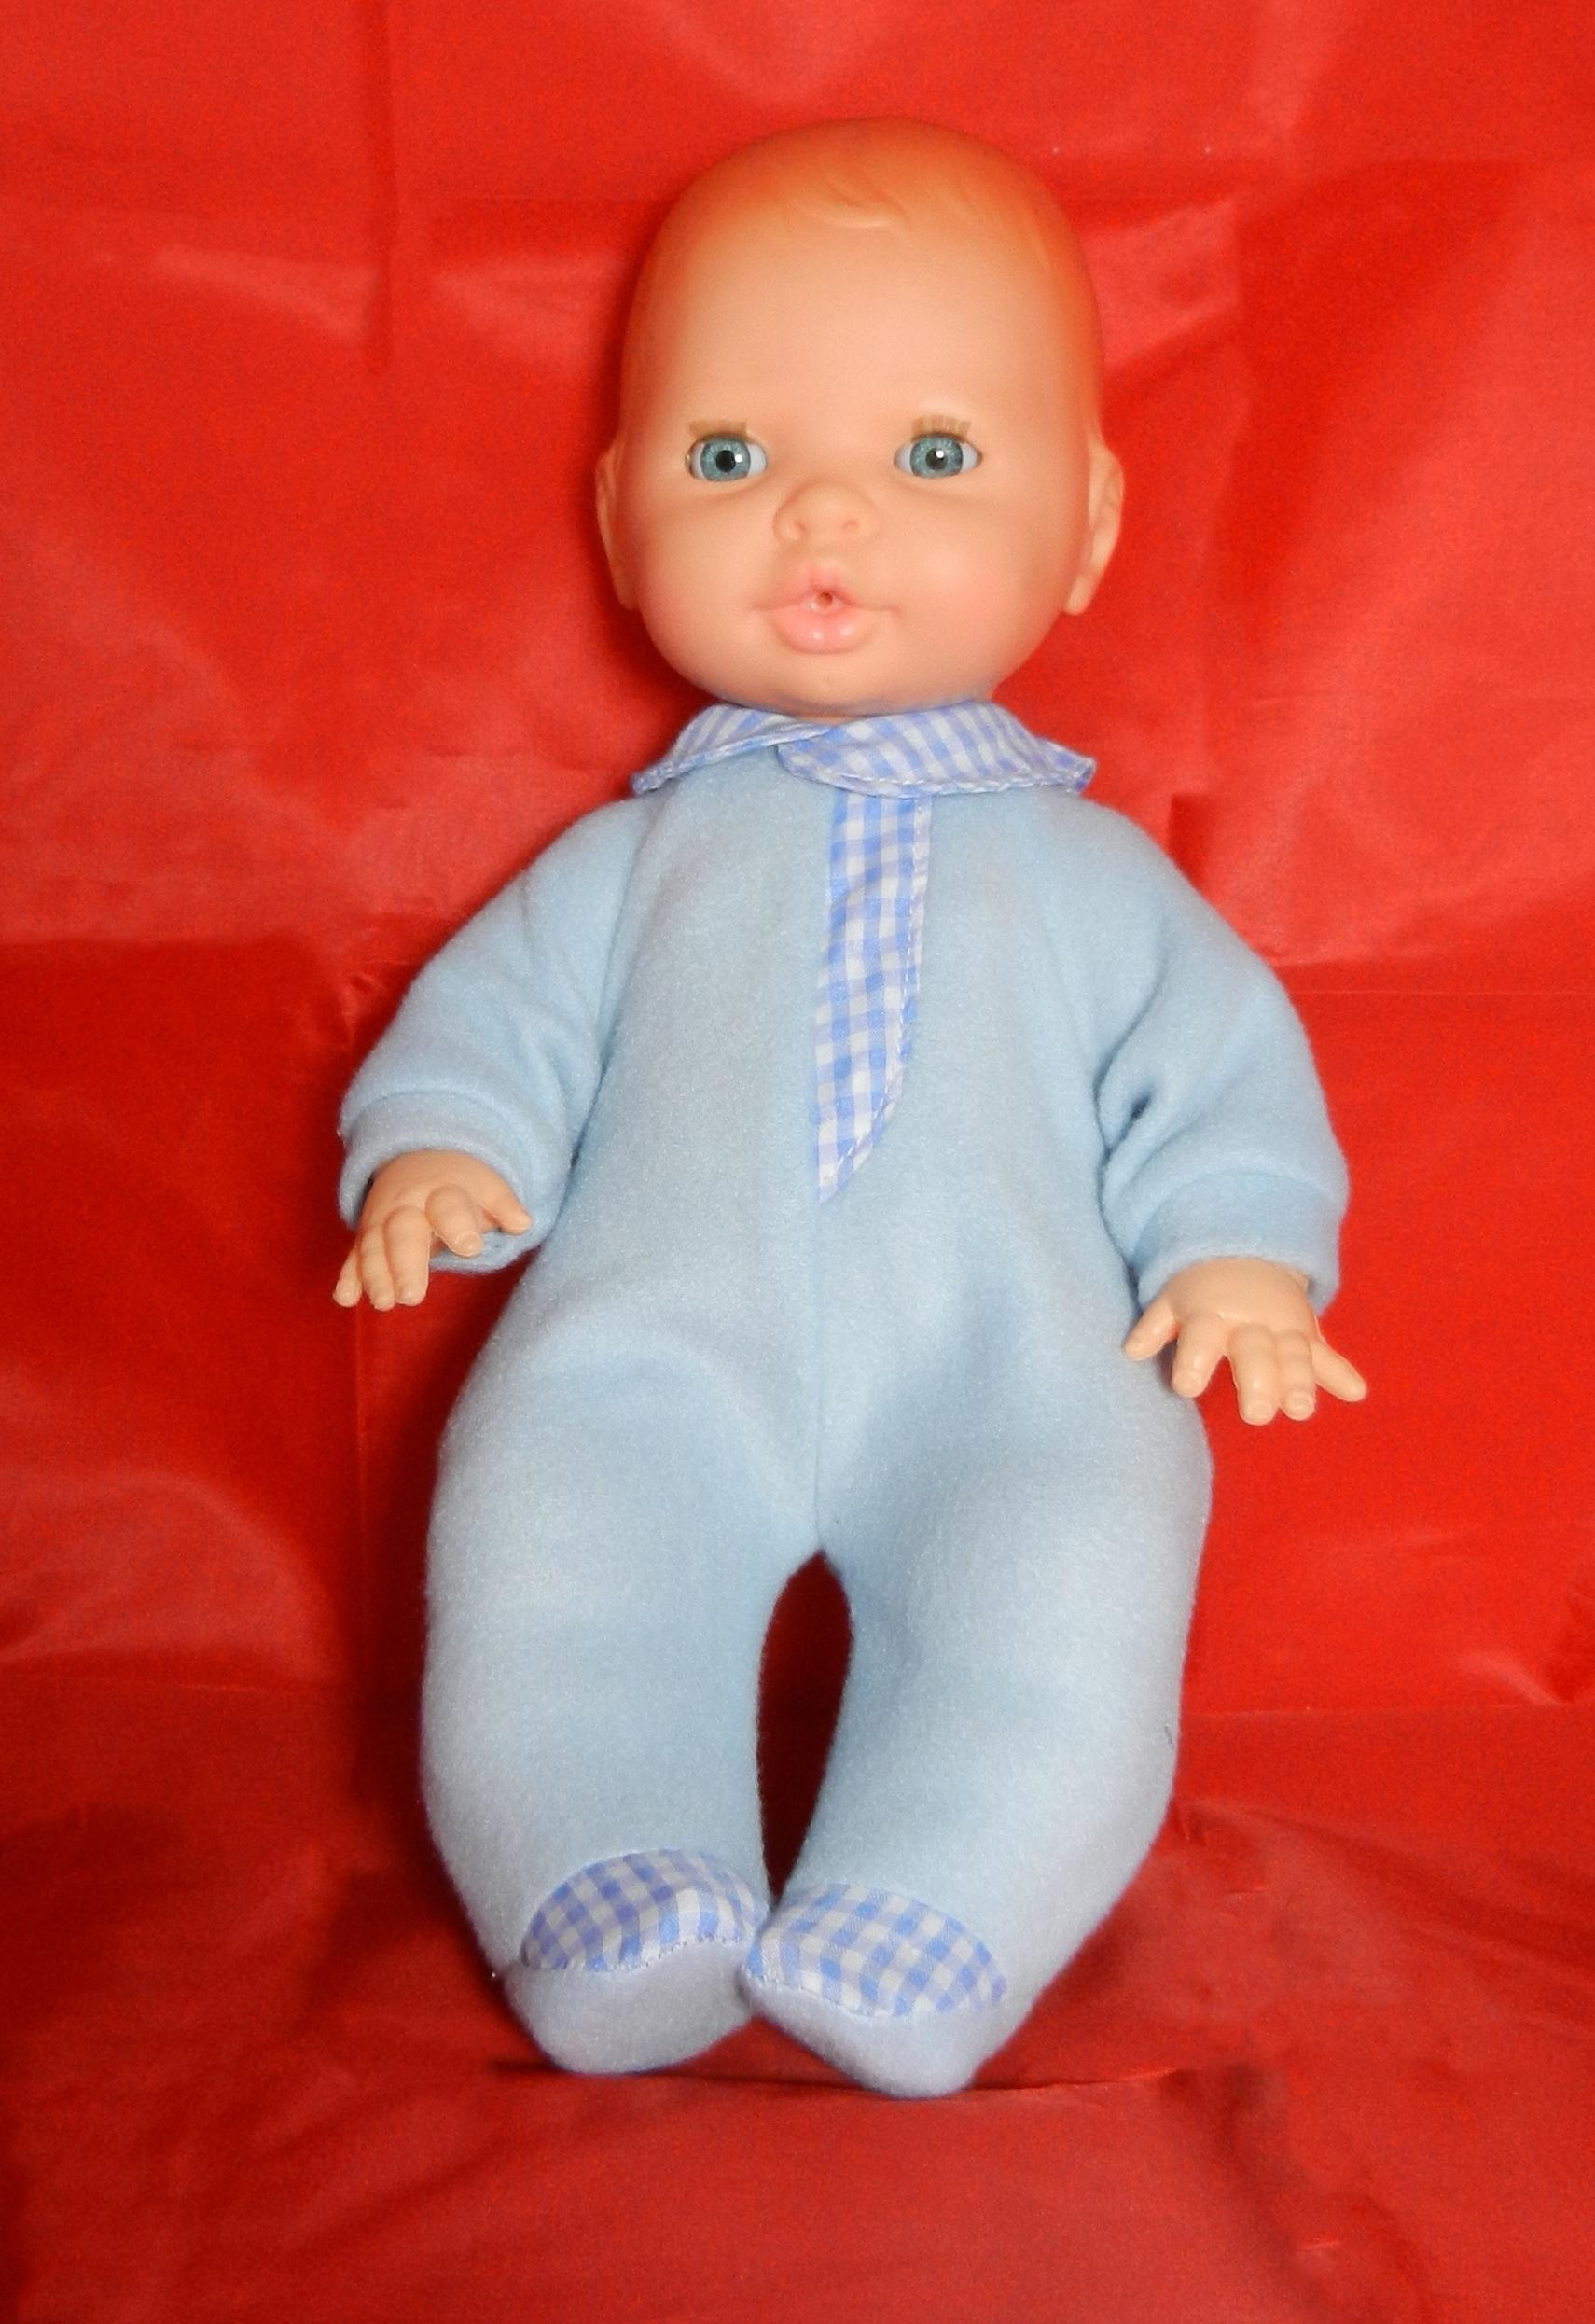 merah anak pakaian mainan boneka hidung gaun bayi balita orang orangan salju kulit organ boneka